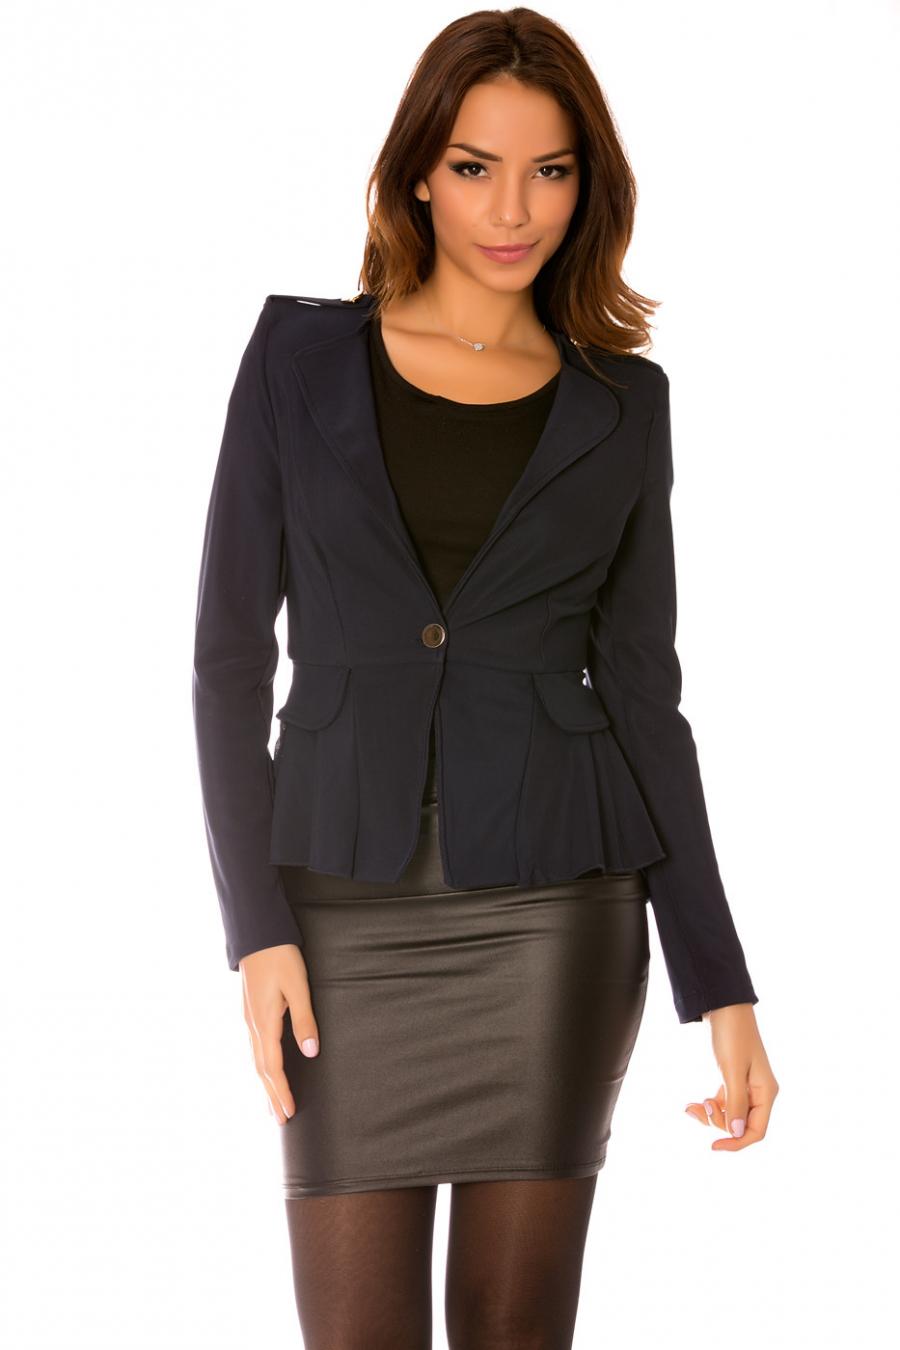 Zwart blazerjack met strik aan de achterkant en uitlopende sluier aan de onderkant.